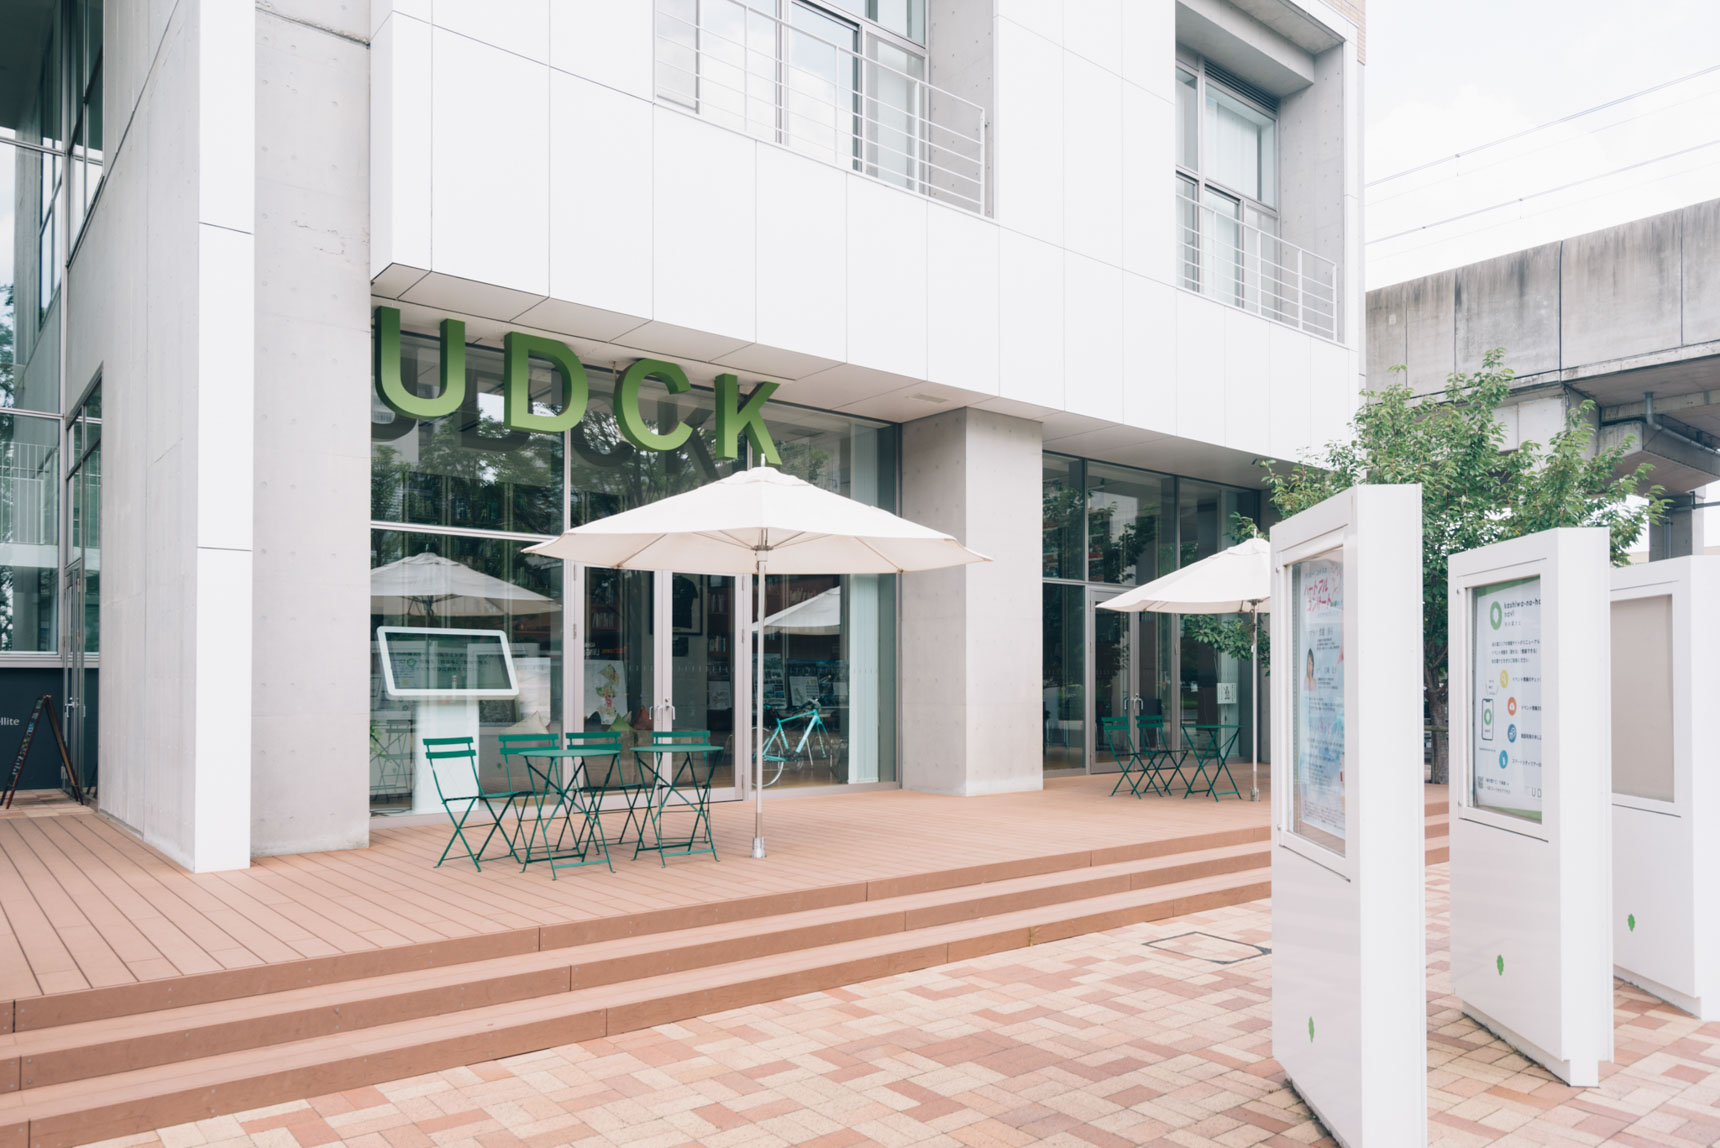 街づくりの拠点となる柏の葉アーバンデザインセンター(UDCK)も、すぐ目の前にあります。ラウンジは誰にでも開かれていて、気軽に立ち寄って街の情報を知ることができるのが嬉しい。